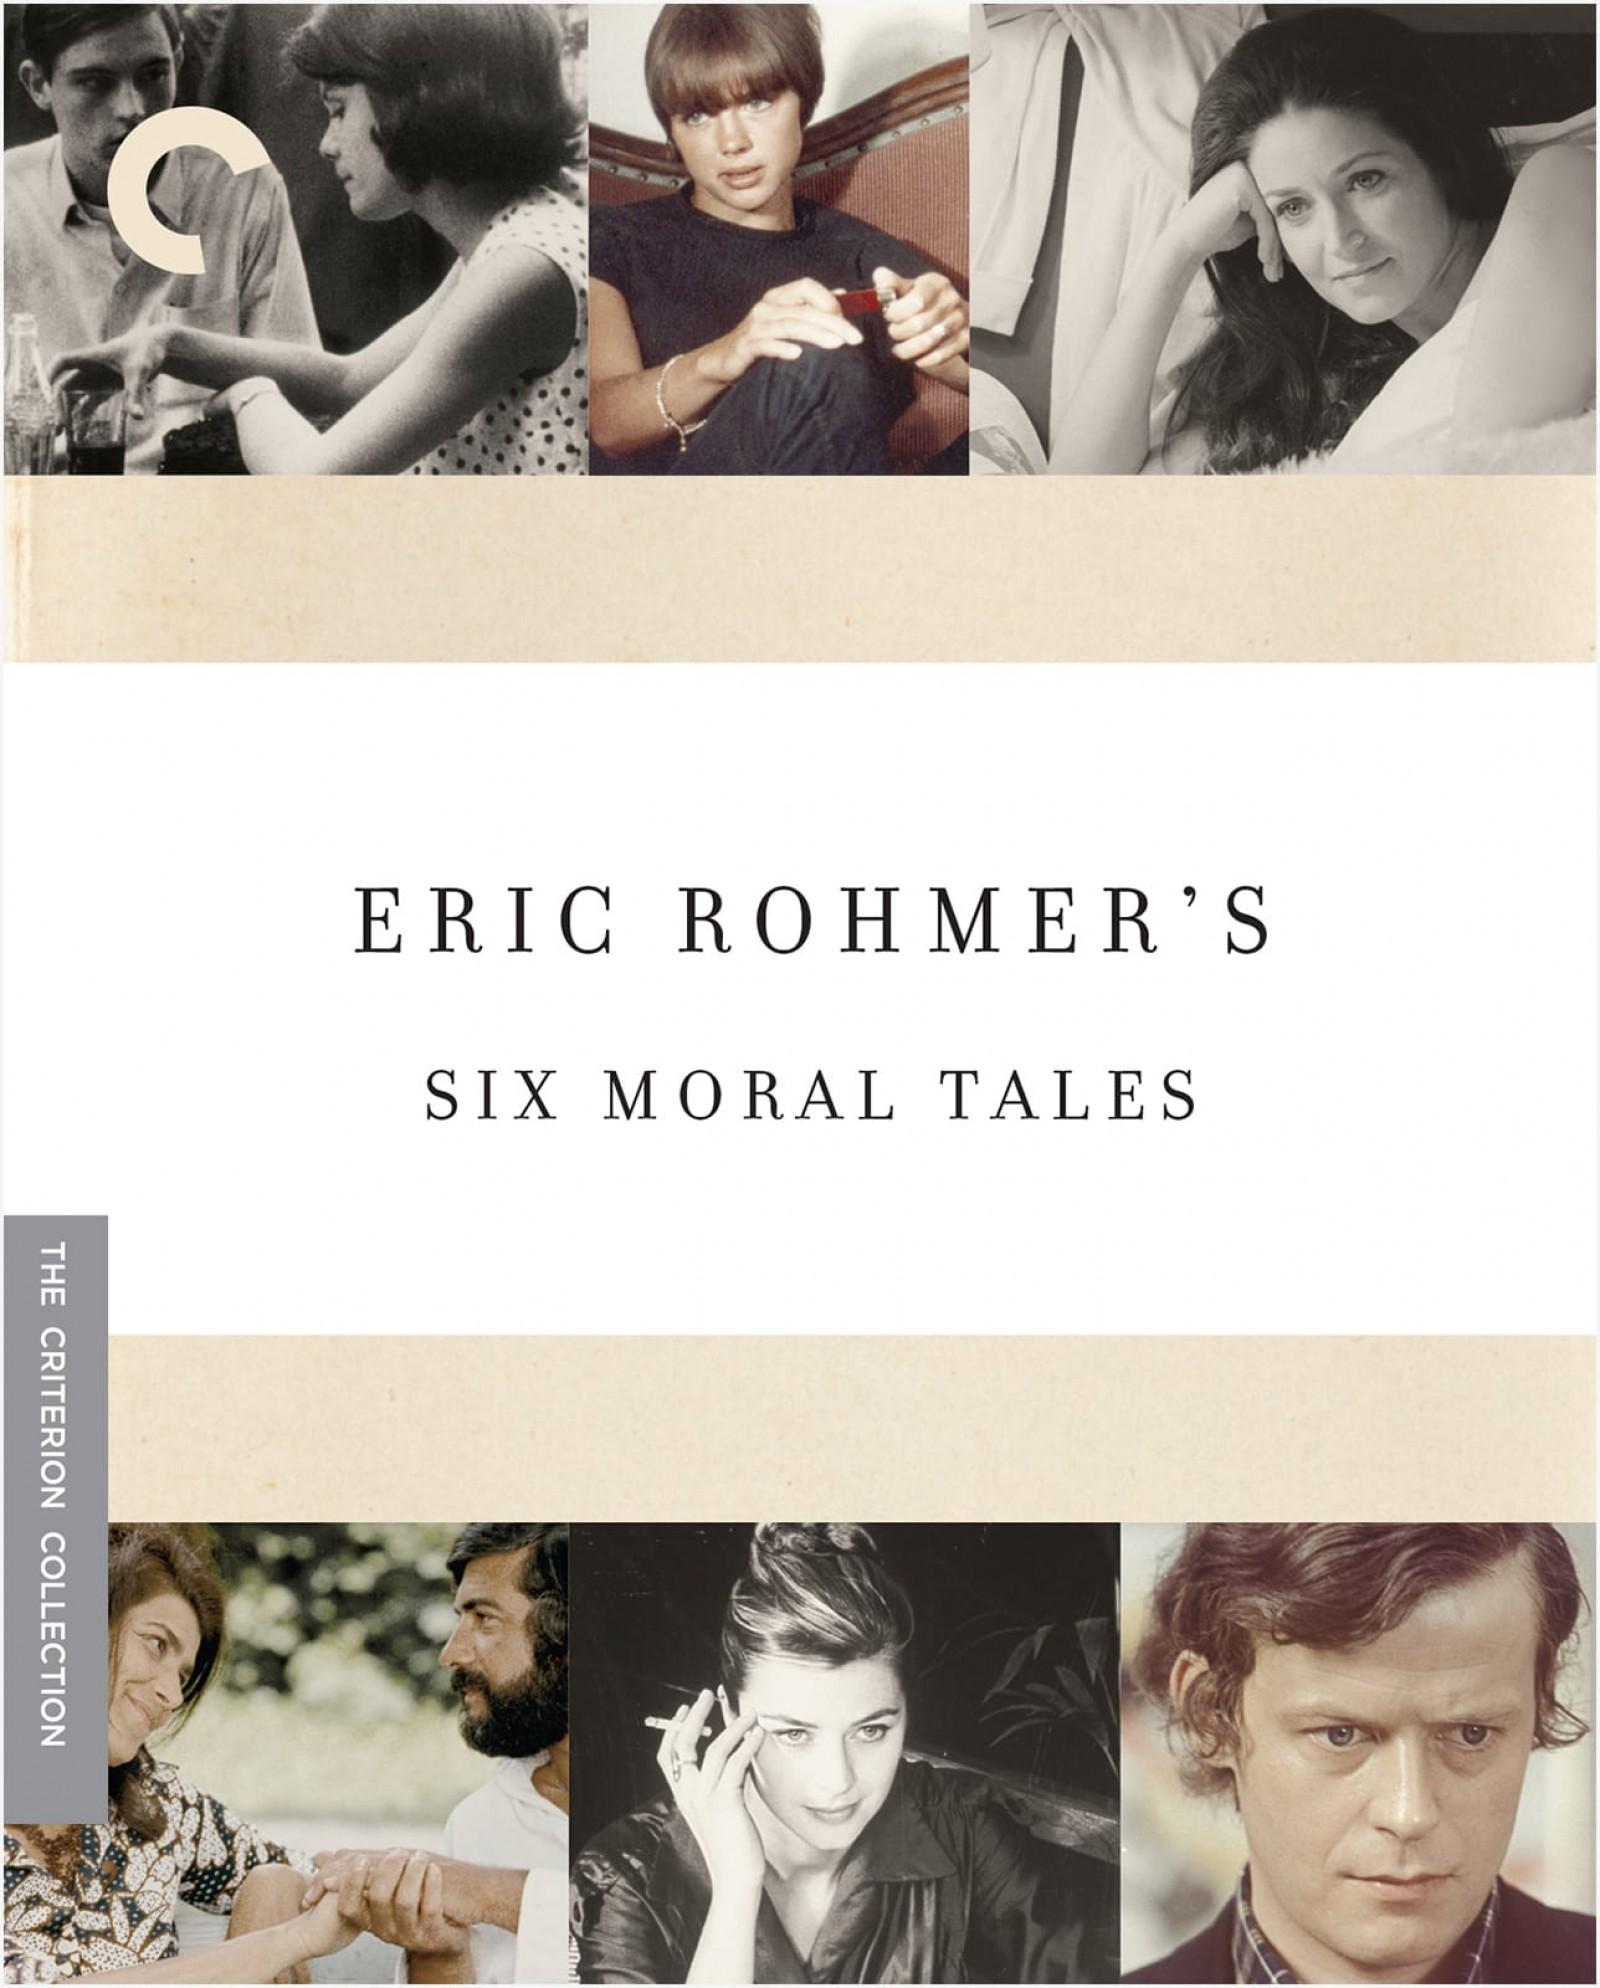 Six Moral Tales